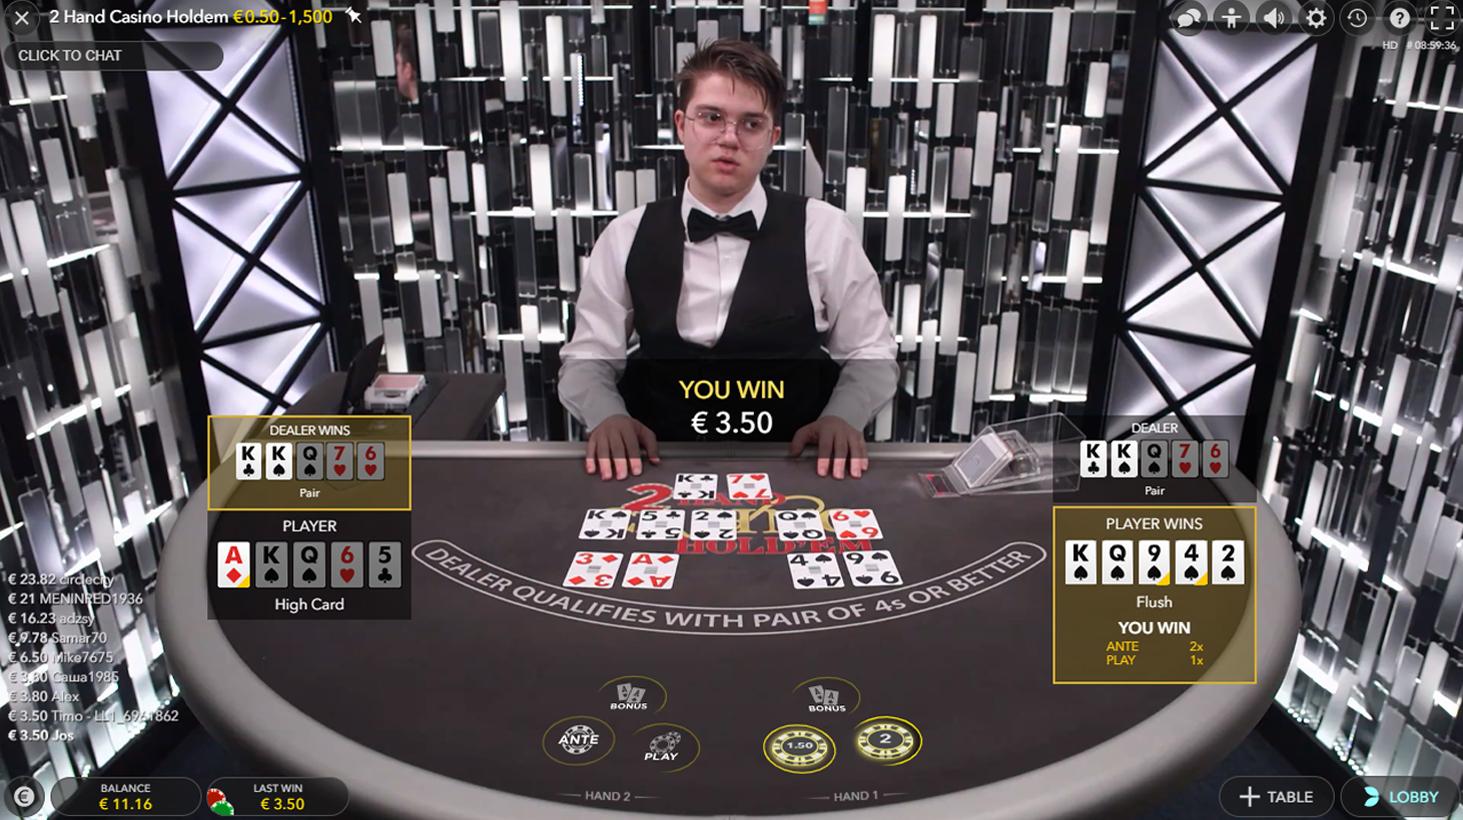 2 Hand Casino Hold'em evolution